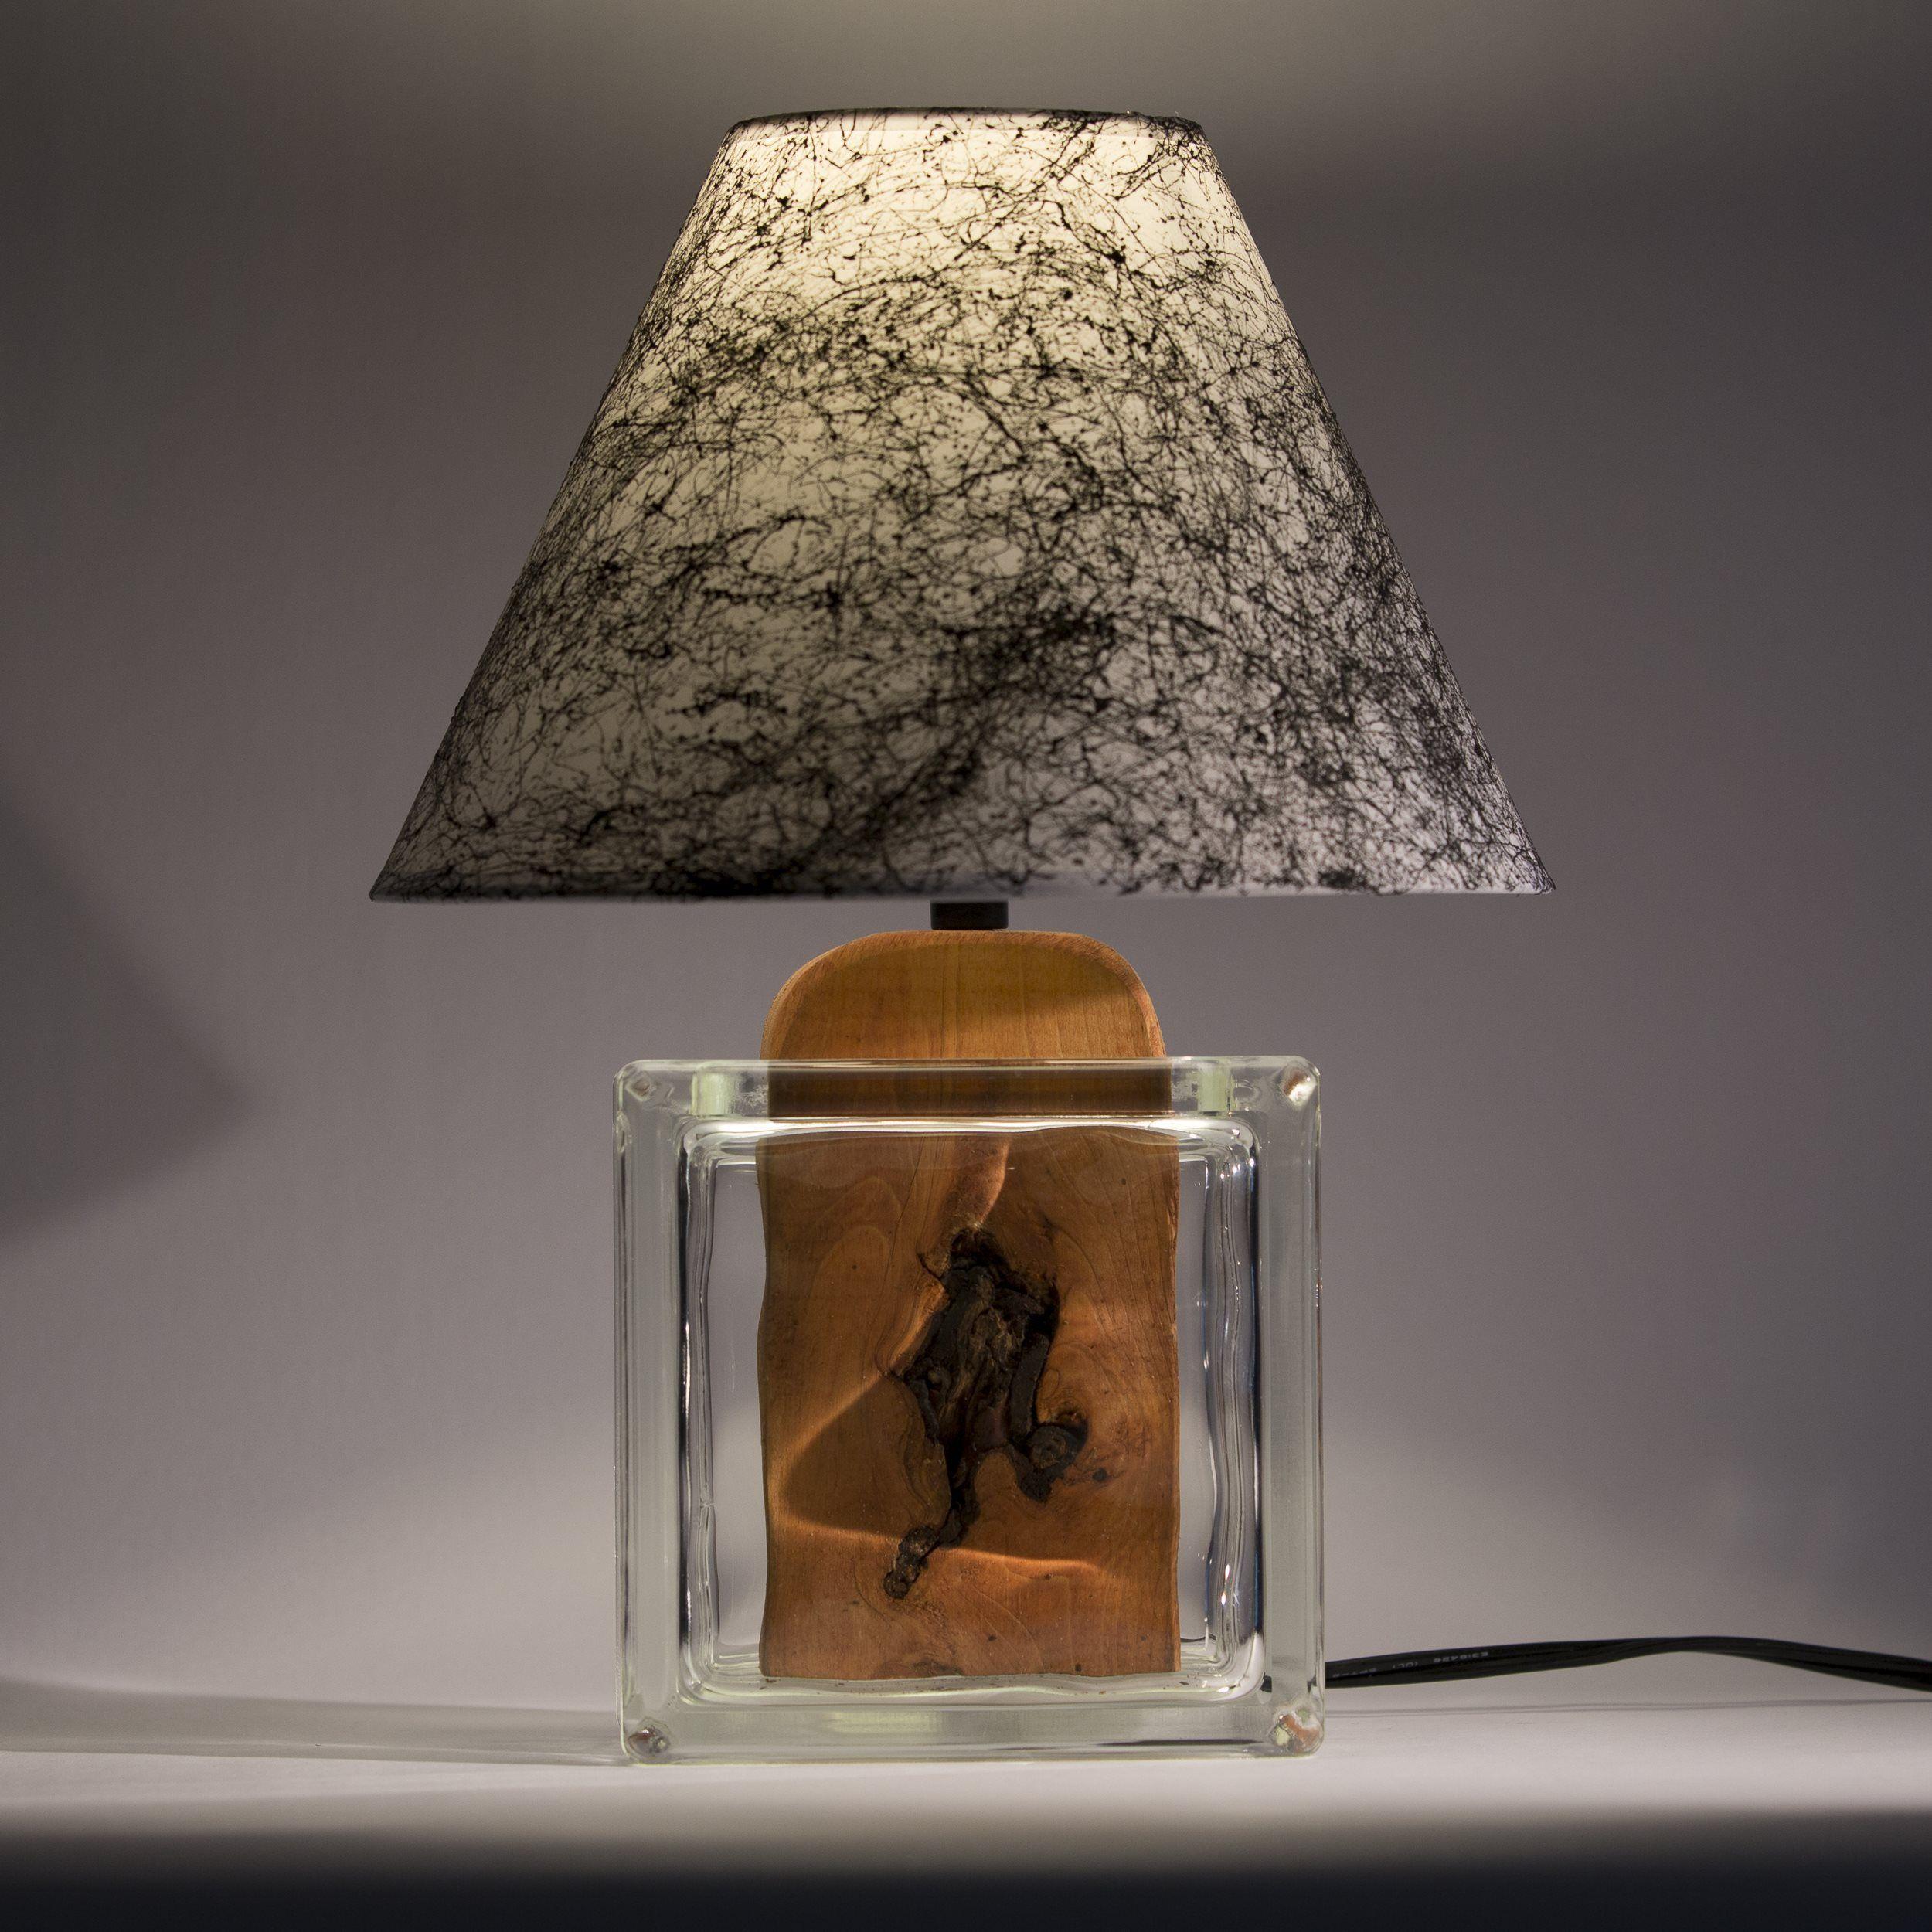 Glass block lamp